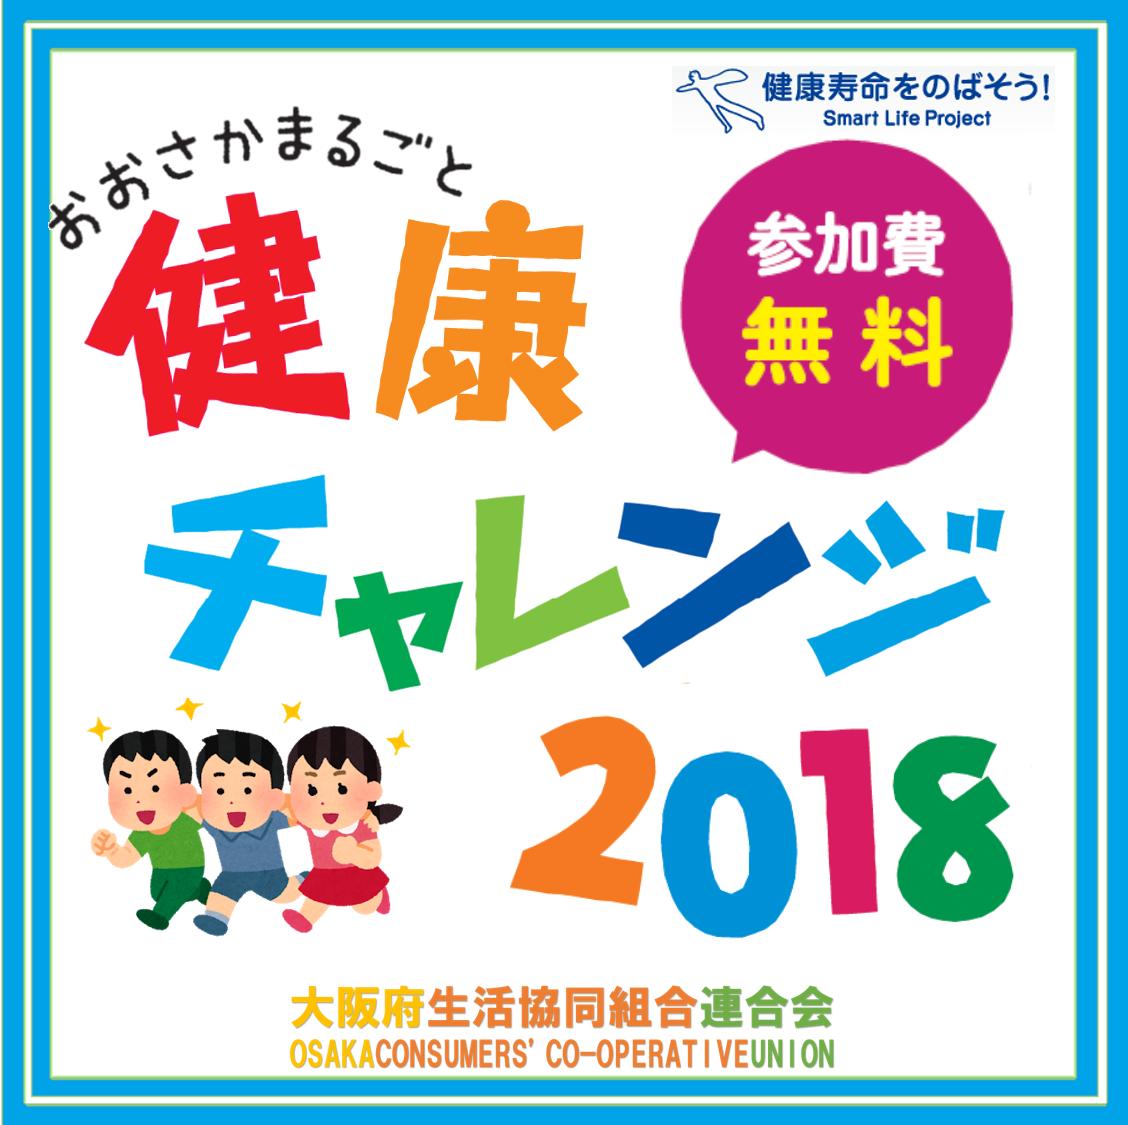 おおさかまるごと健康チャレンジ2018